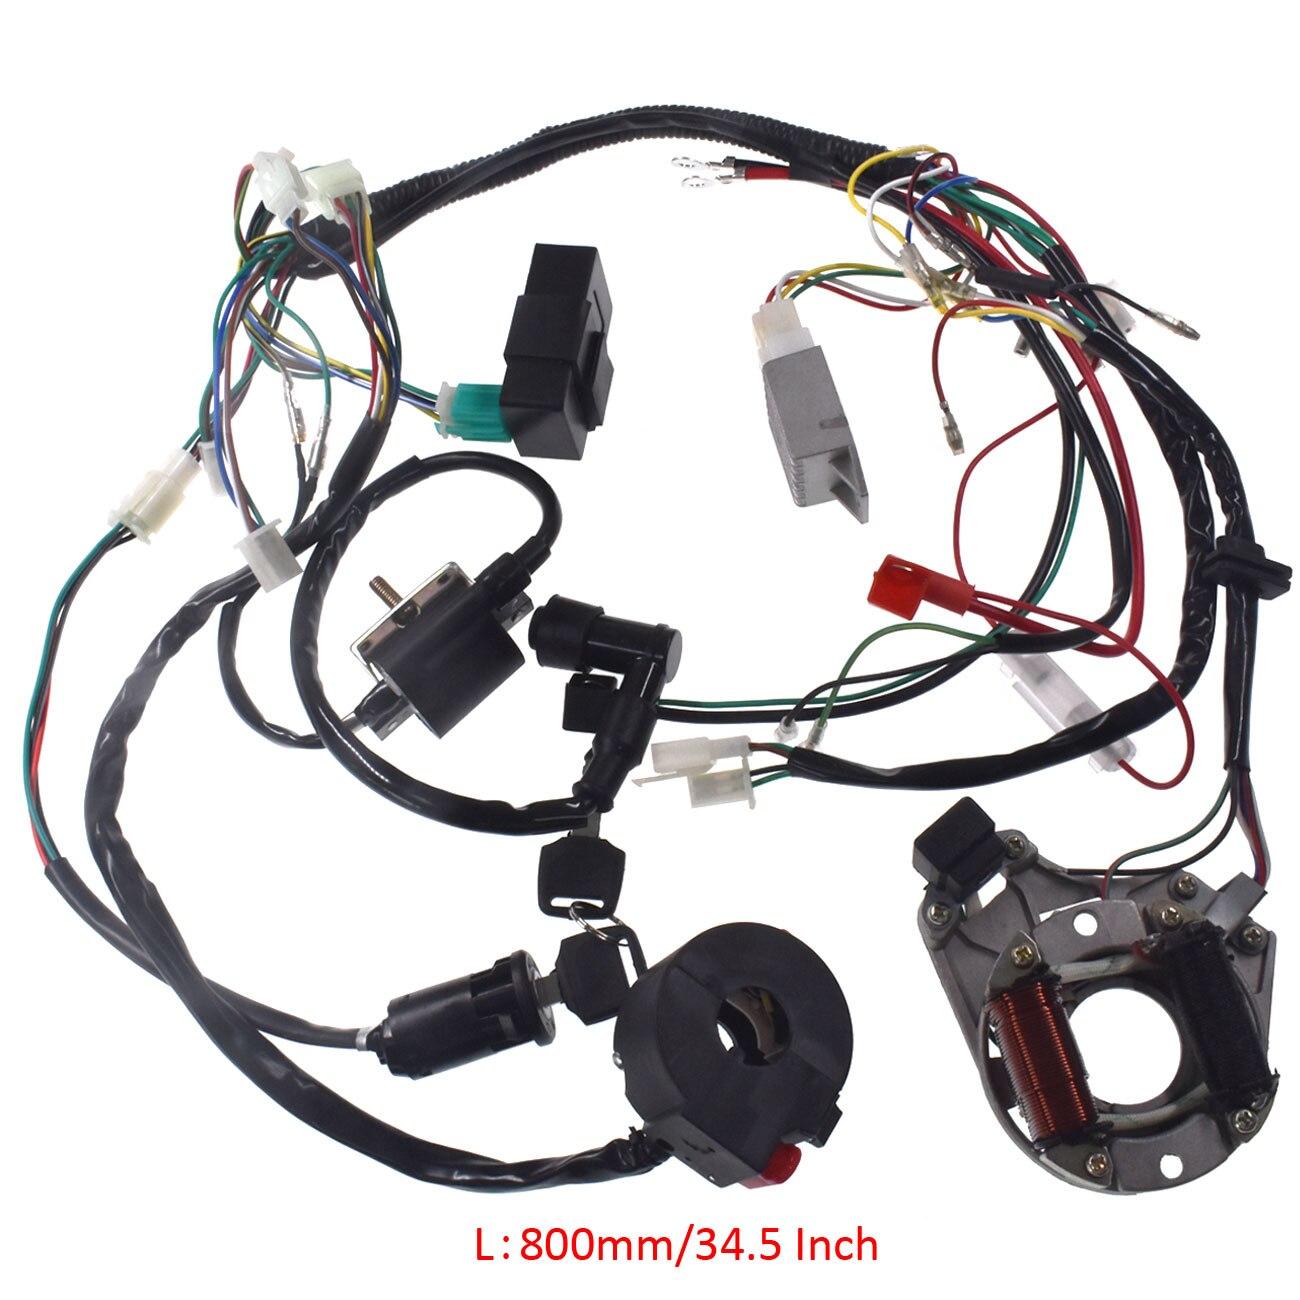 Kit de câblage d'assemblage de faisceau de câbles CDI pour Quad électrique ATV 50 70 90 110 125cc